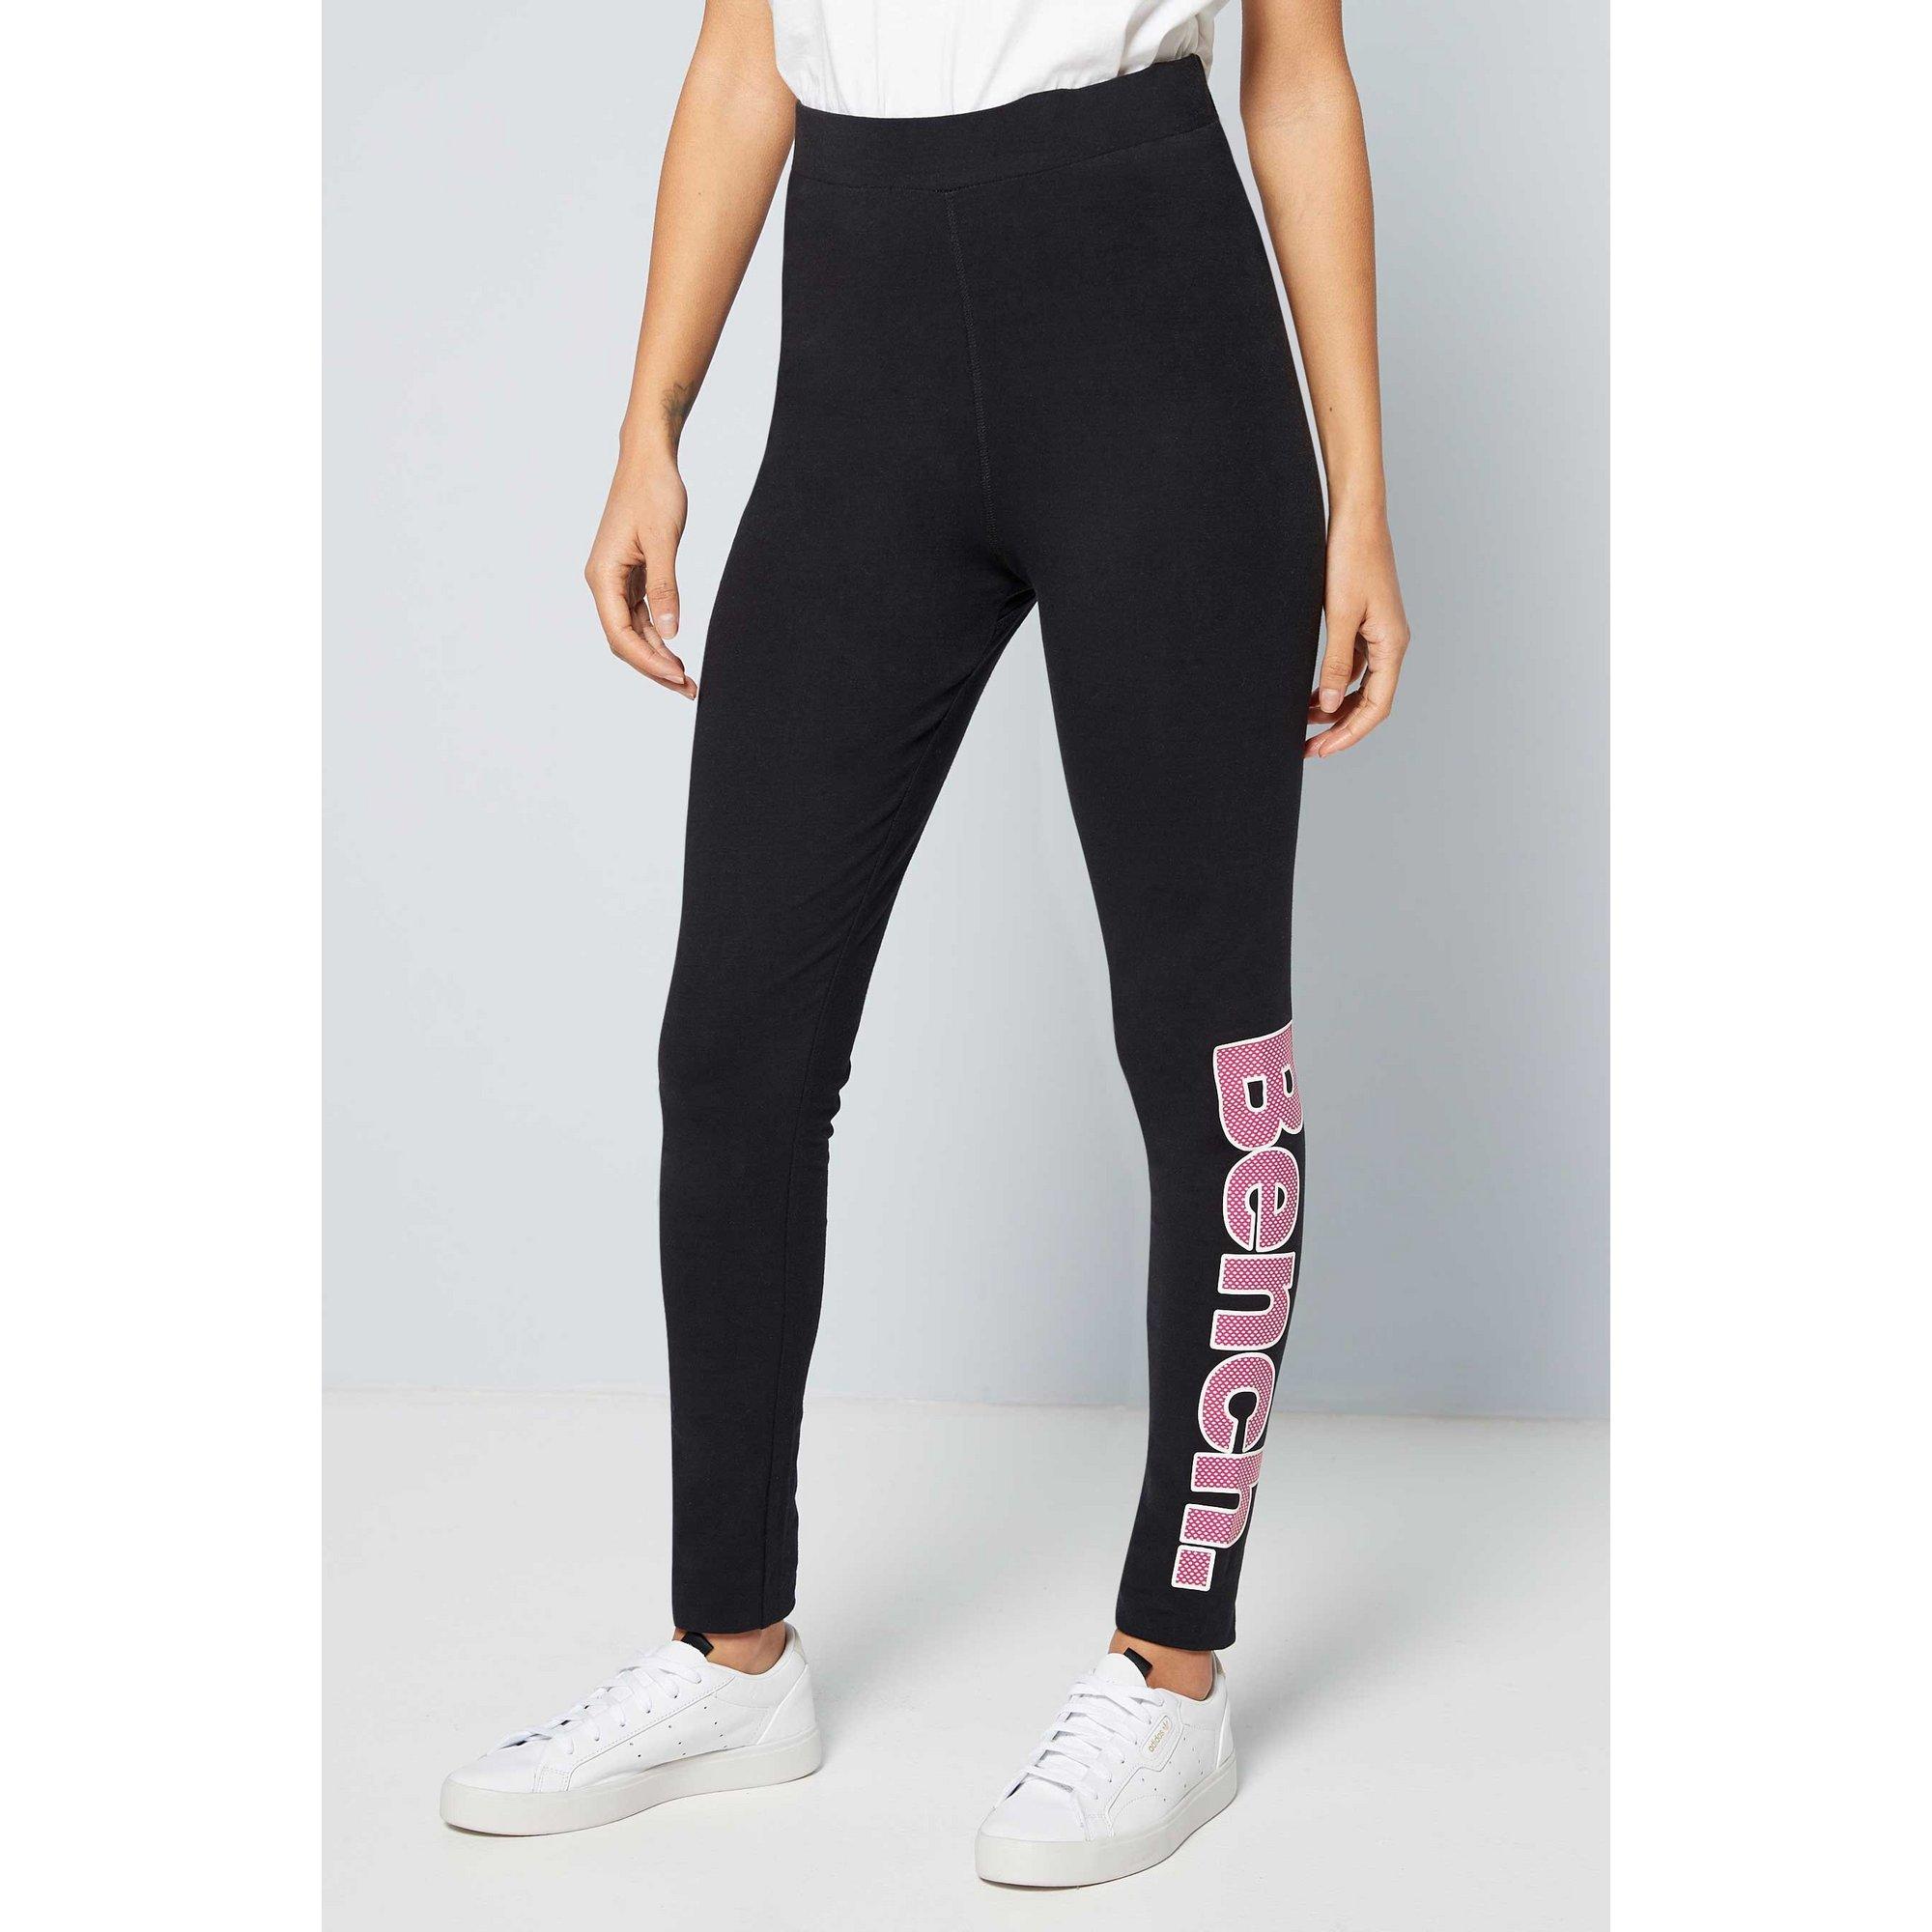 Image of Bench Black/Pink Logo Leggings